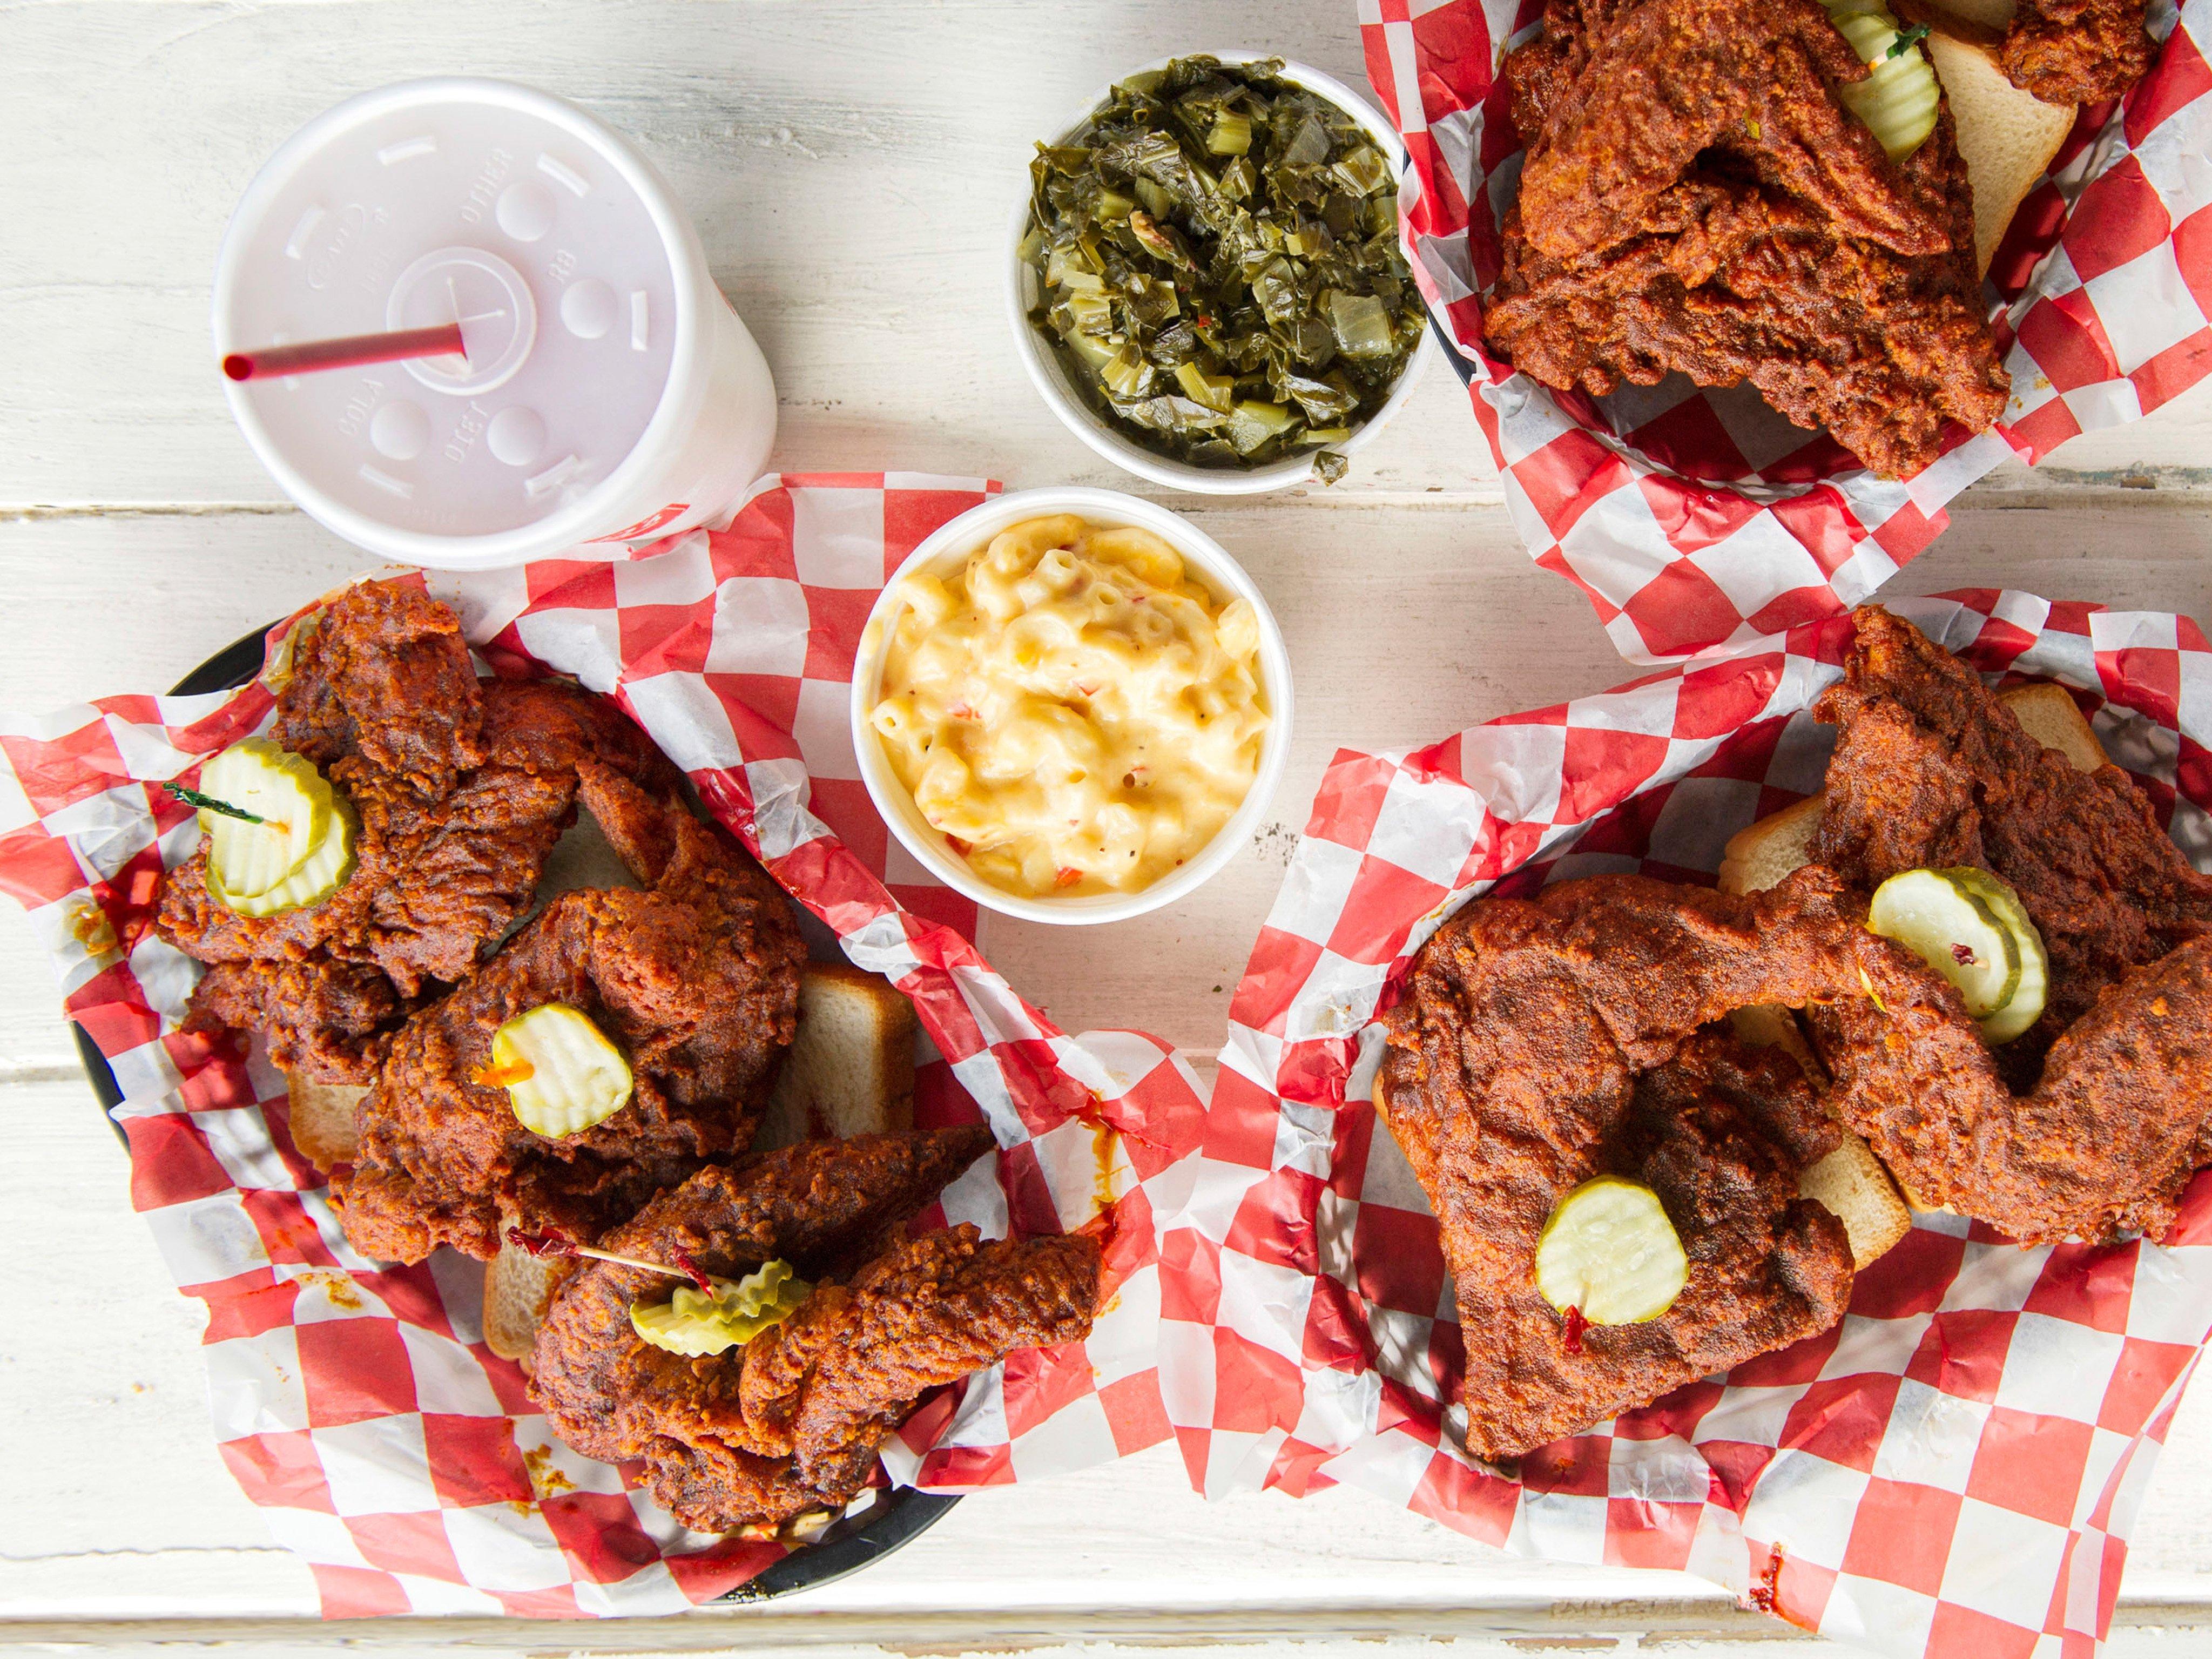 Best Food In Midtown Nashville